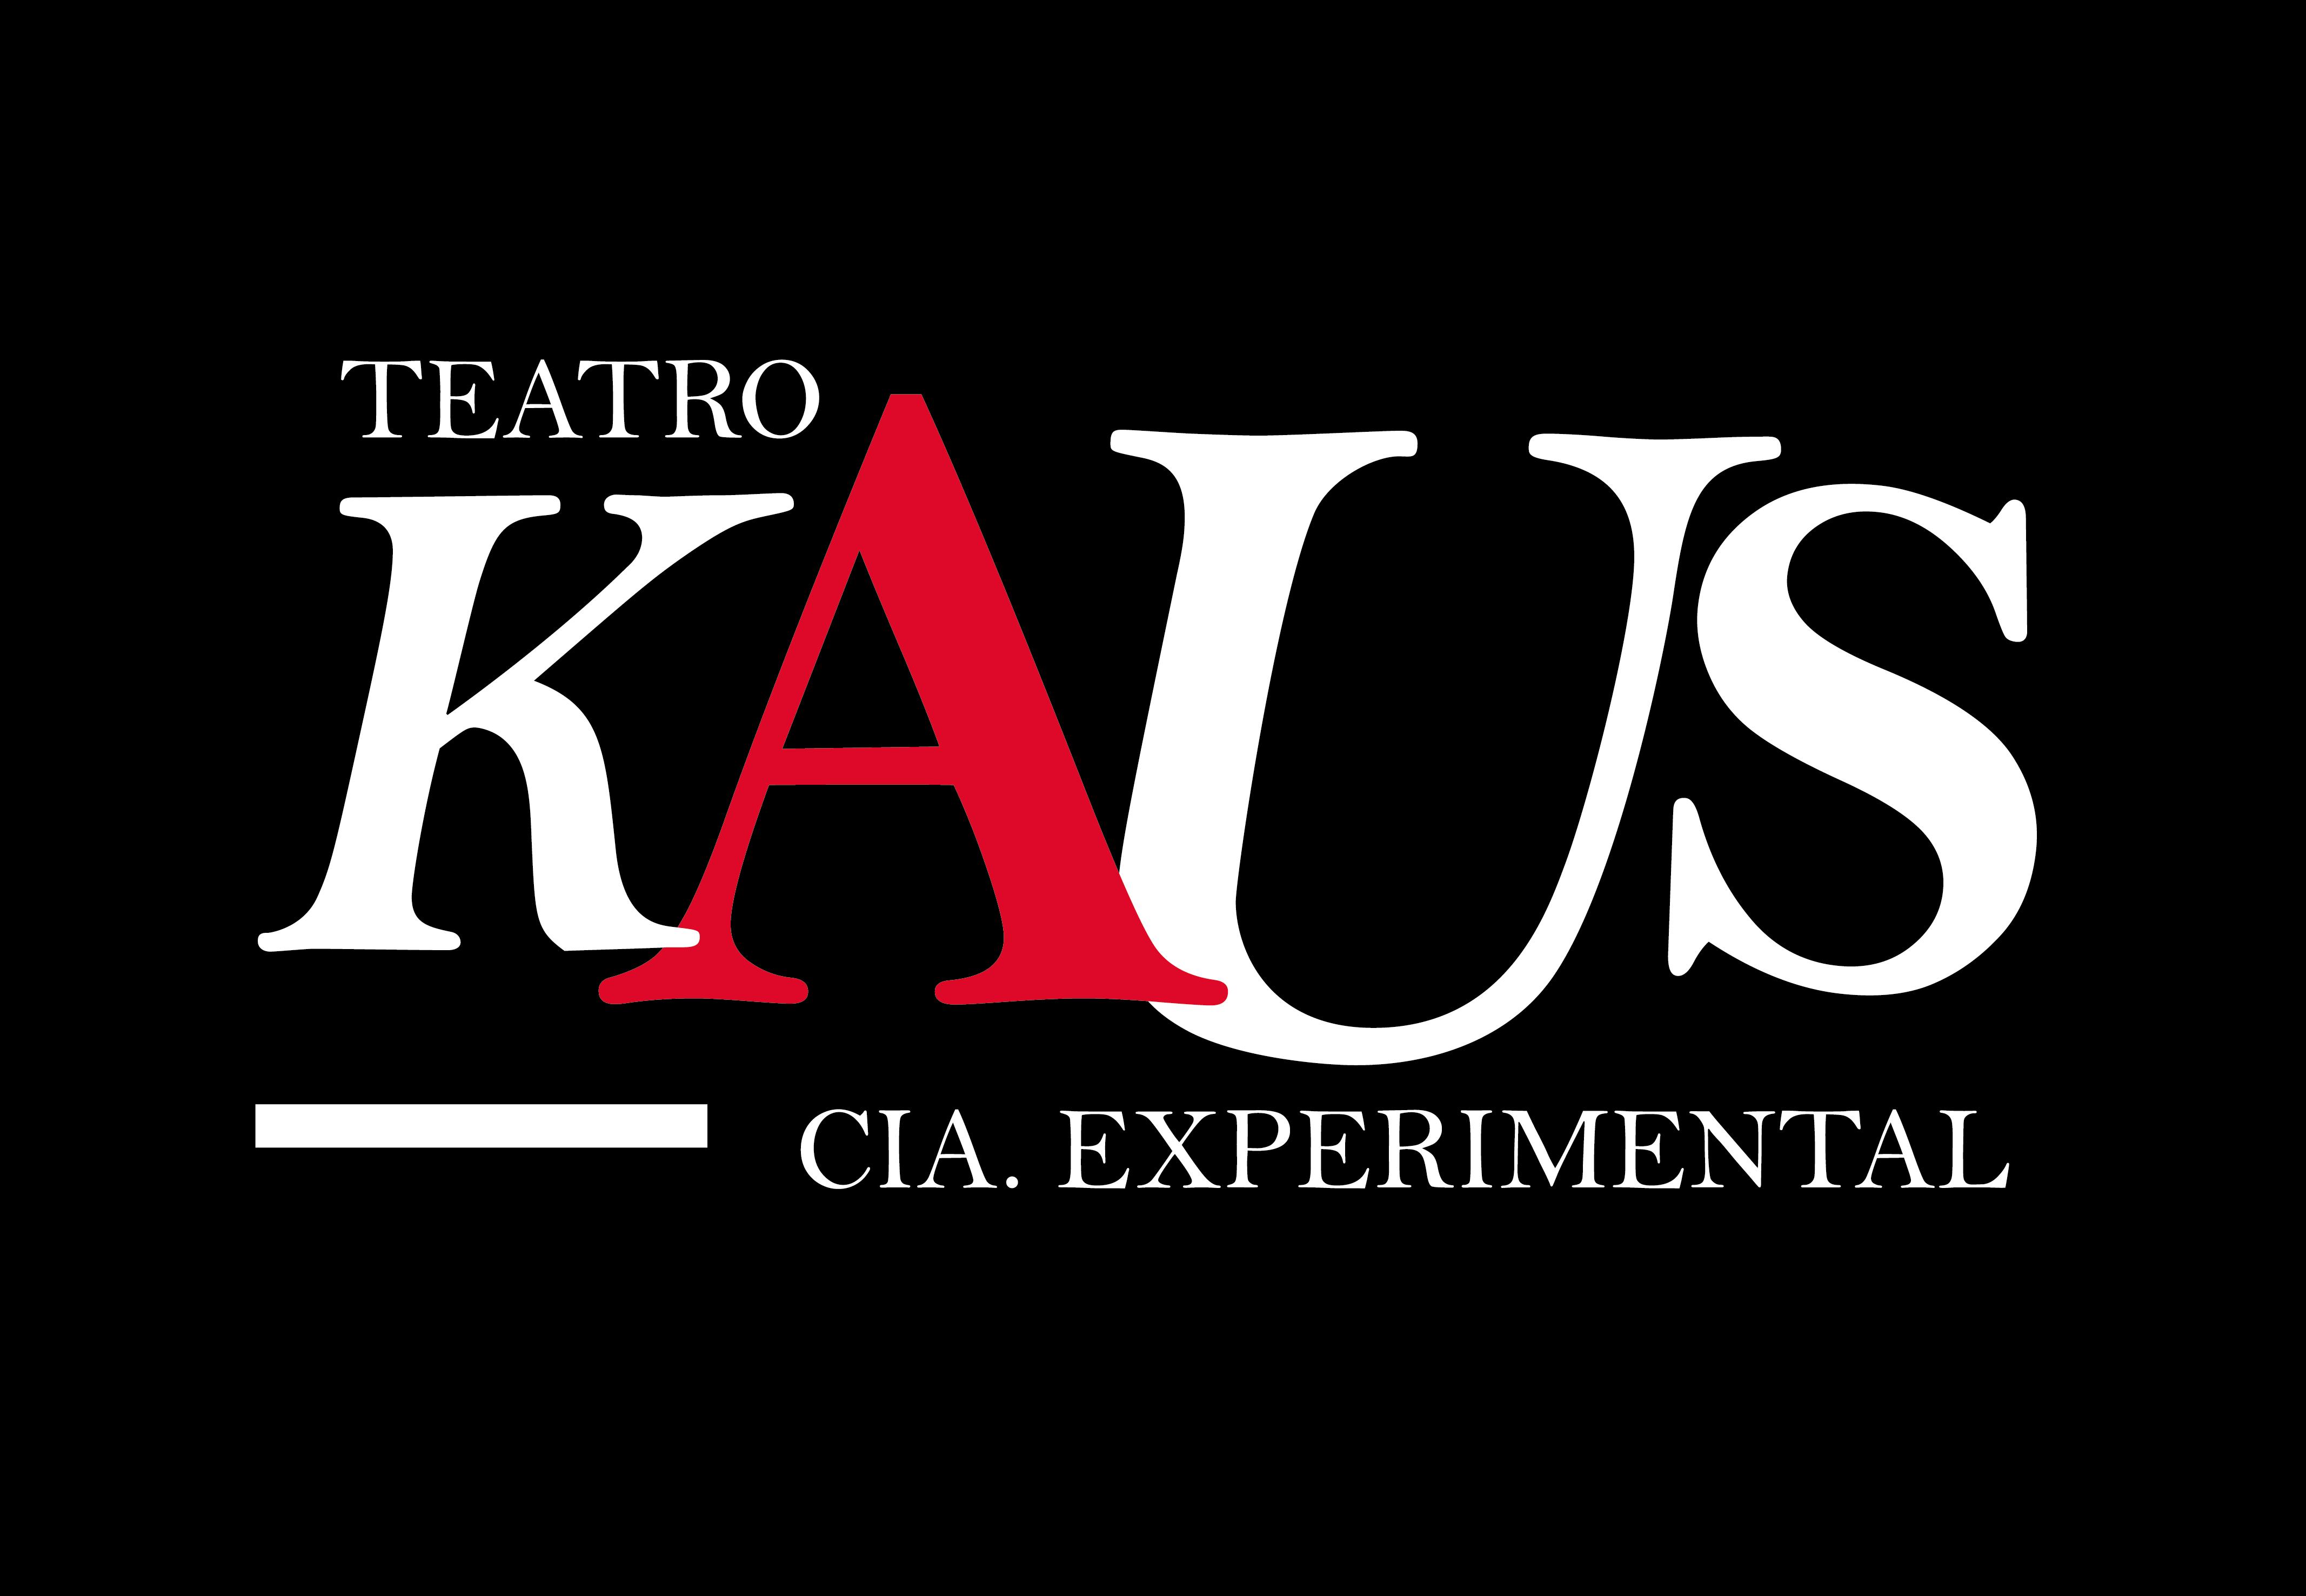 TEATRO KAUS CIA EXPERIMENTAL